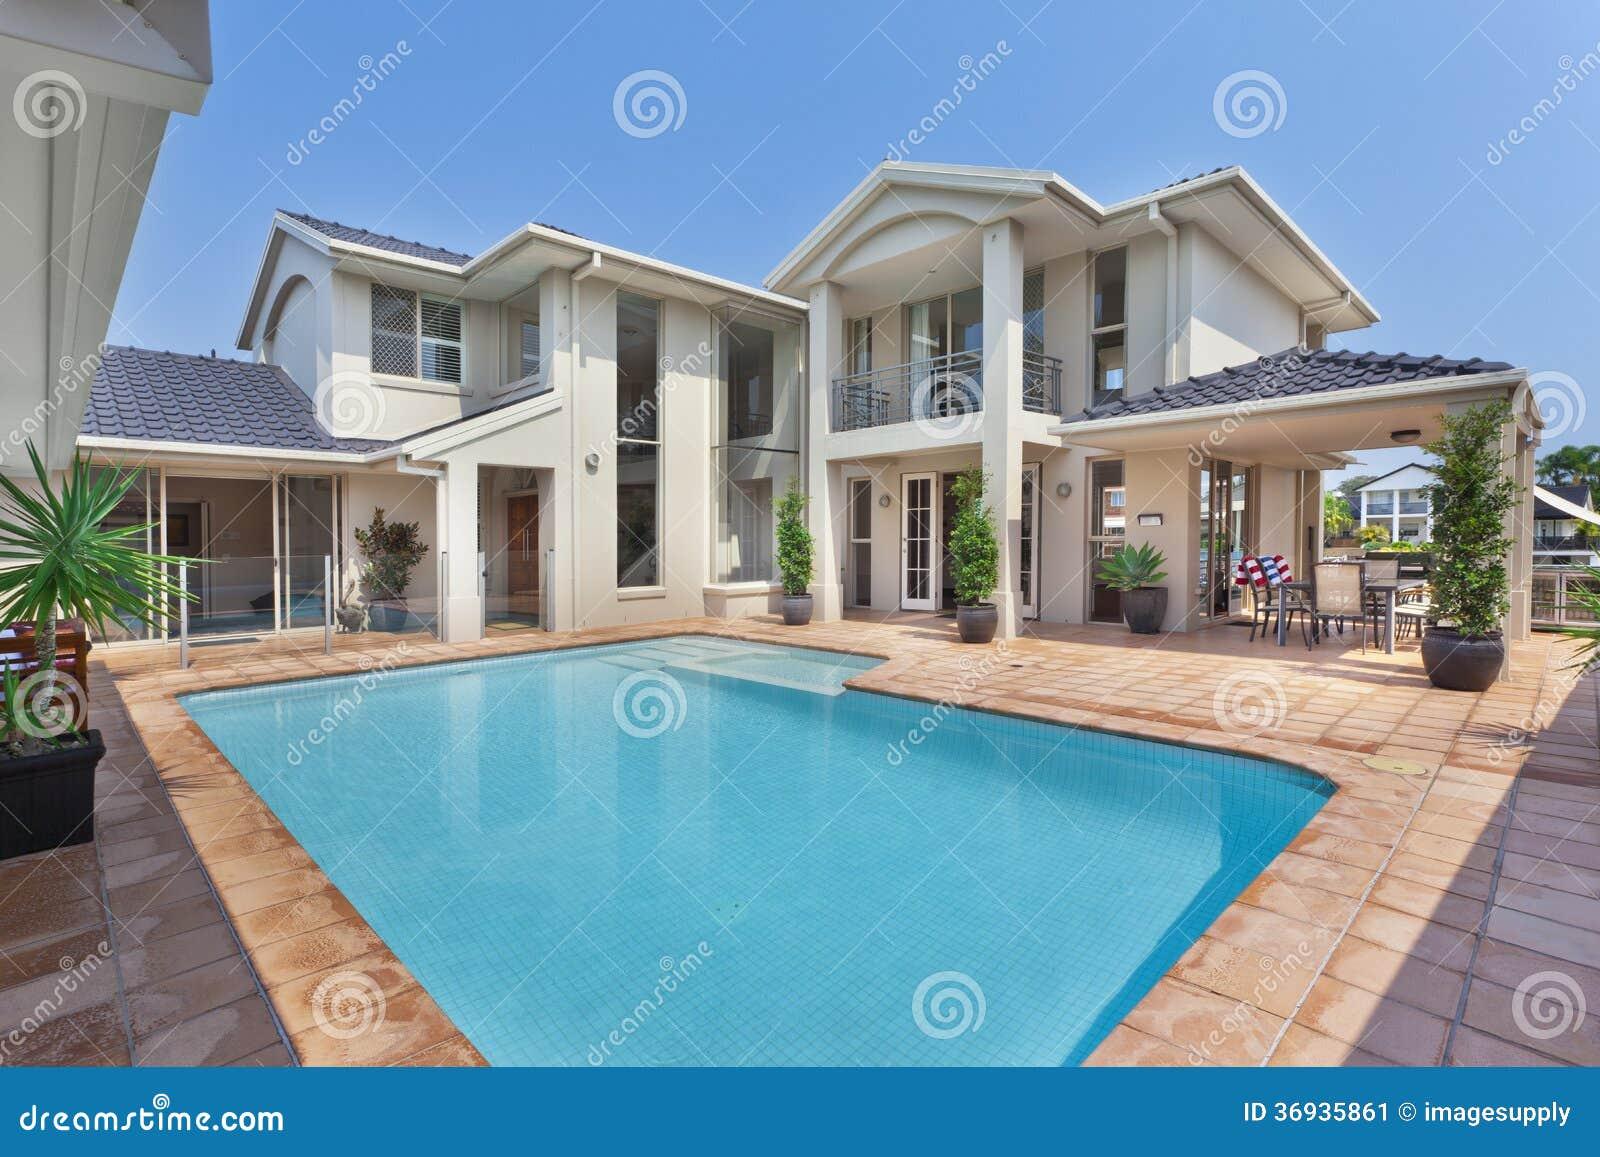 Download Schöner Hinterhof Mit Pool In Der Australischen Villa Stockbild    Bild Von Gebäude, Lebensstil